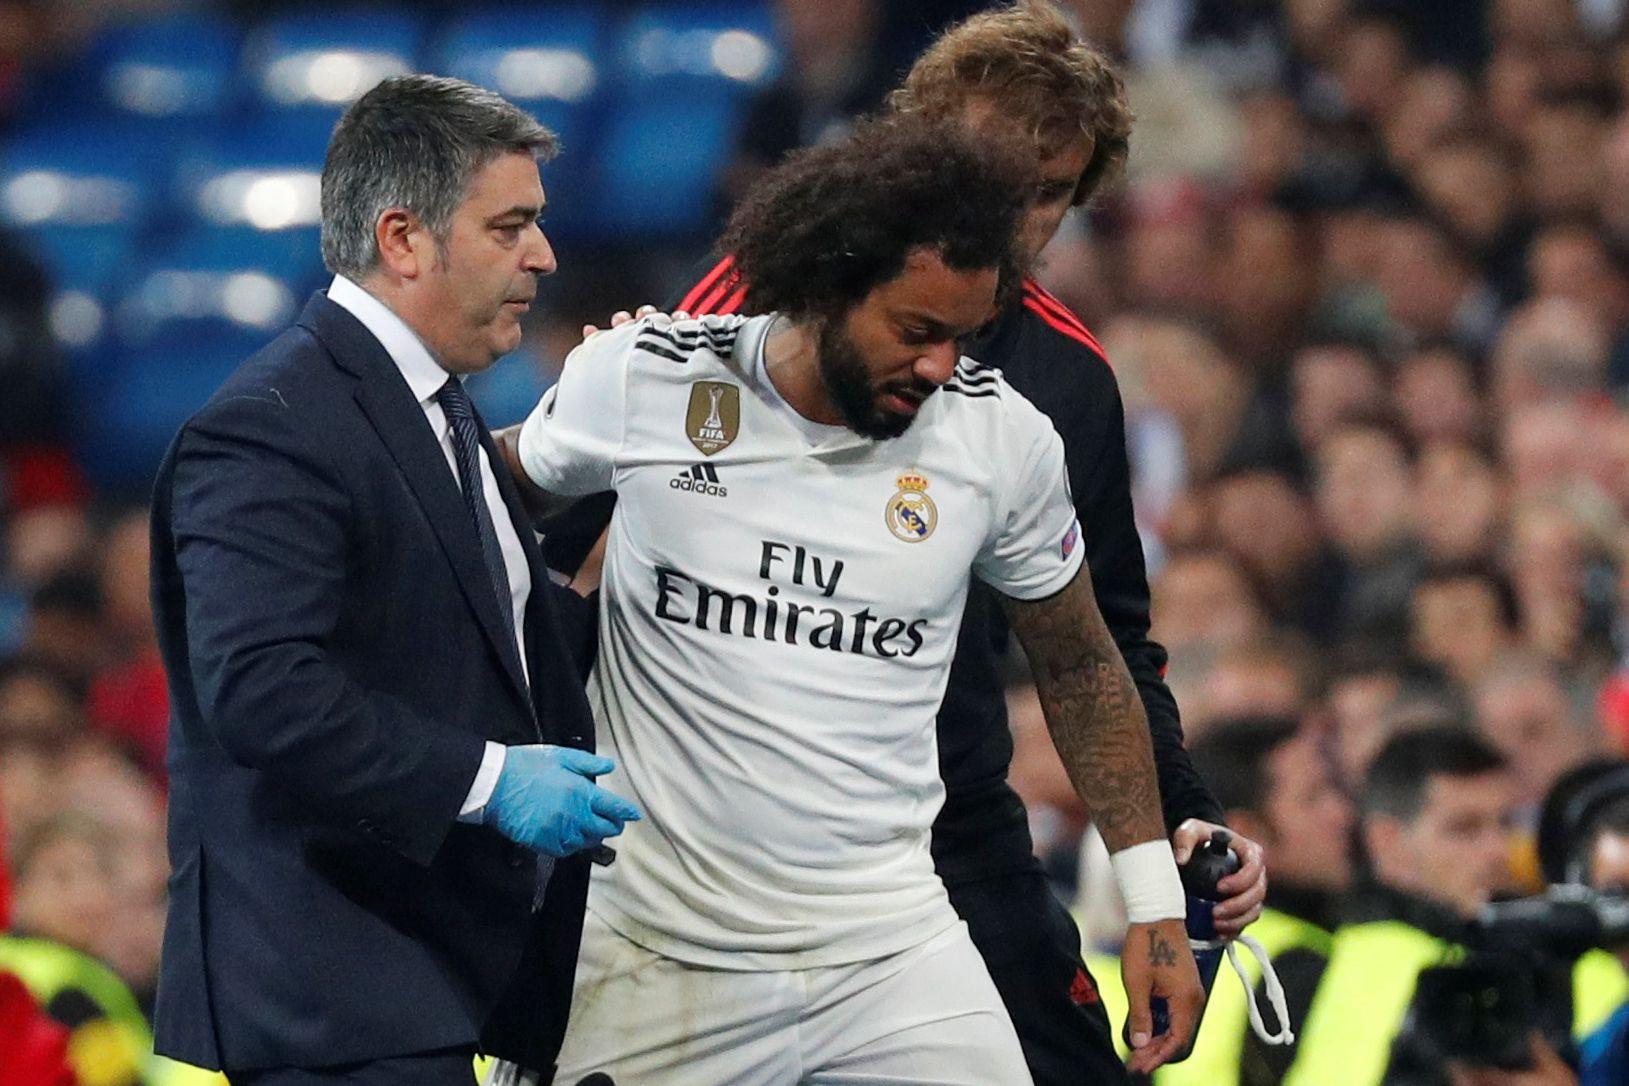 Alarmes no Real Madrid. Marcelo deixa relvado em lágrimas